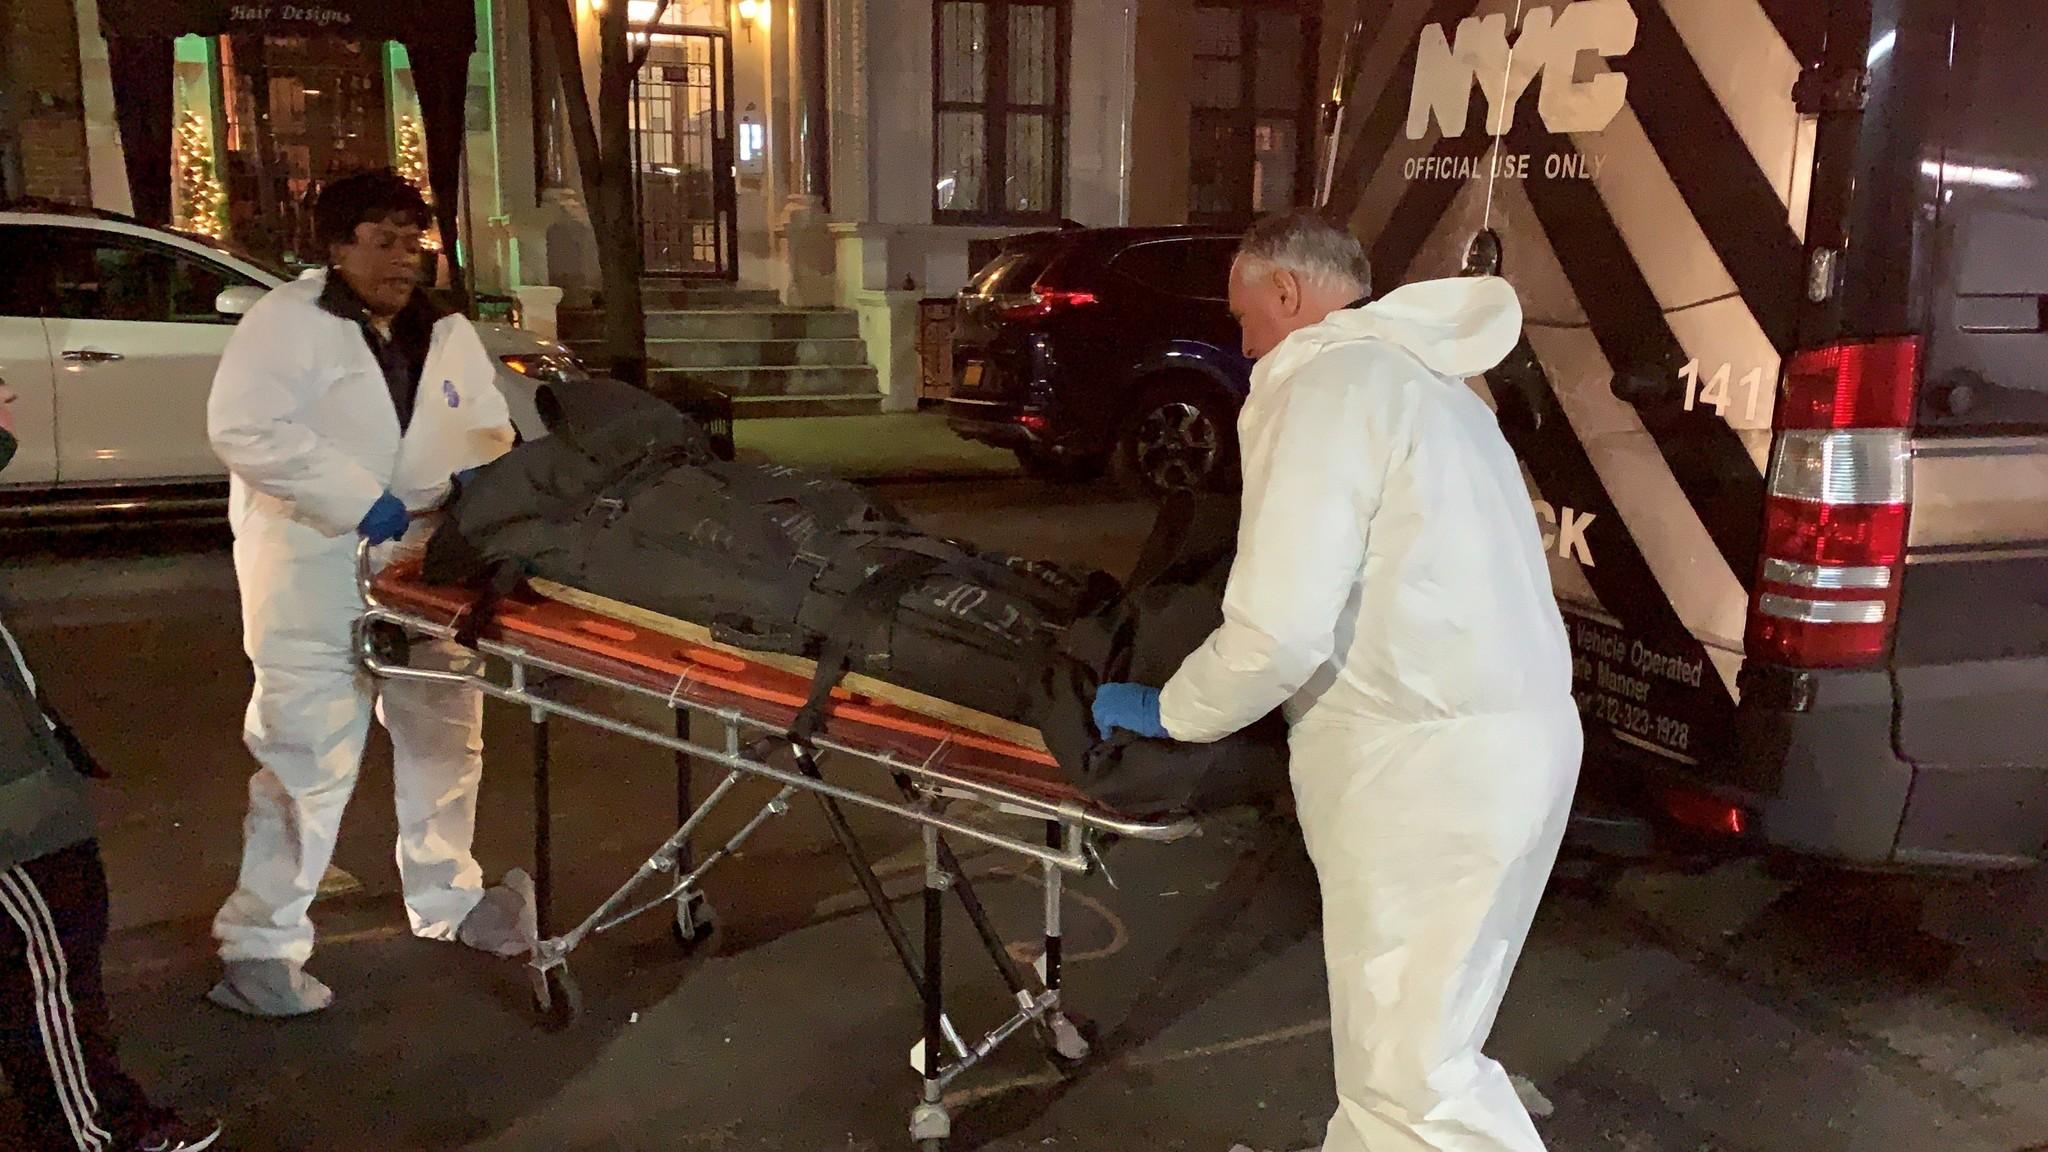 Grifter arrested in murder of antiques dealer in Upper East Side home